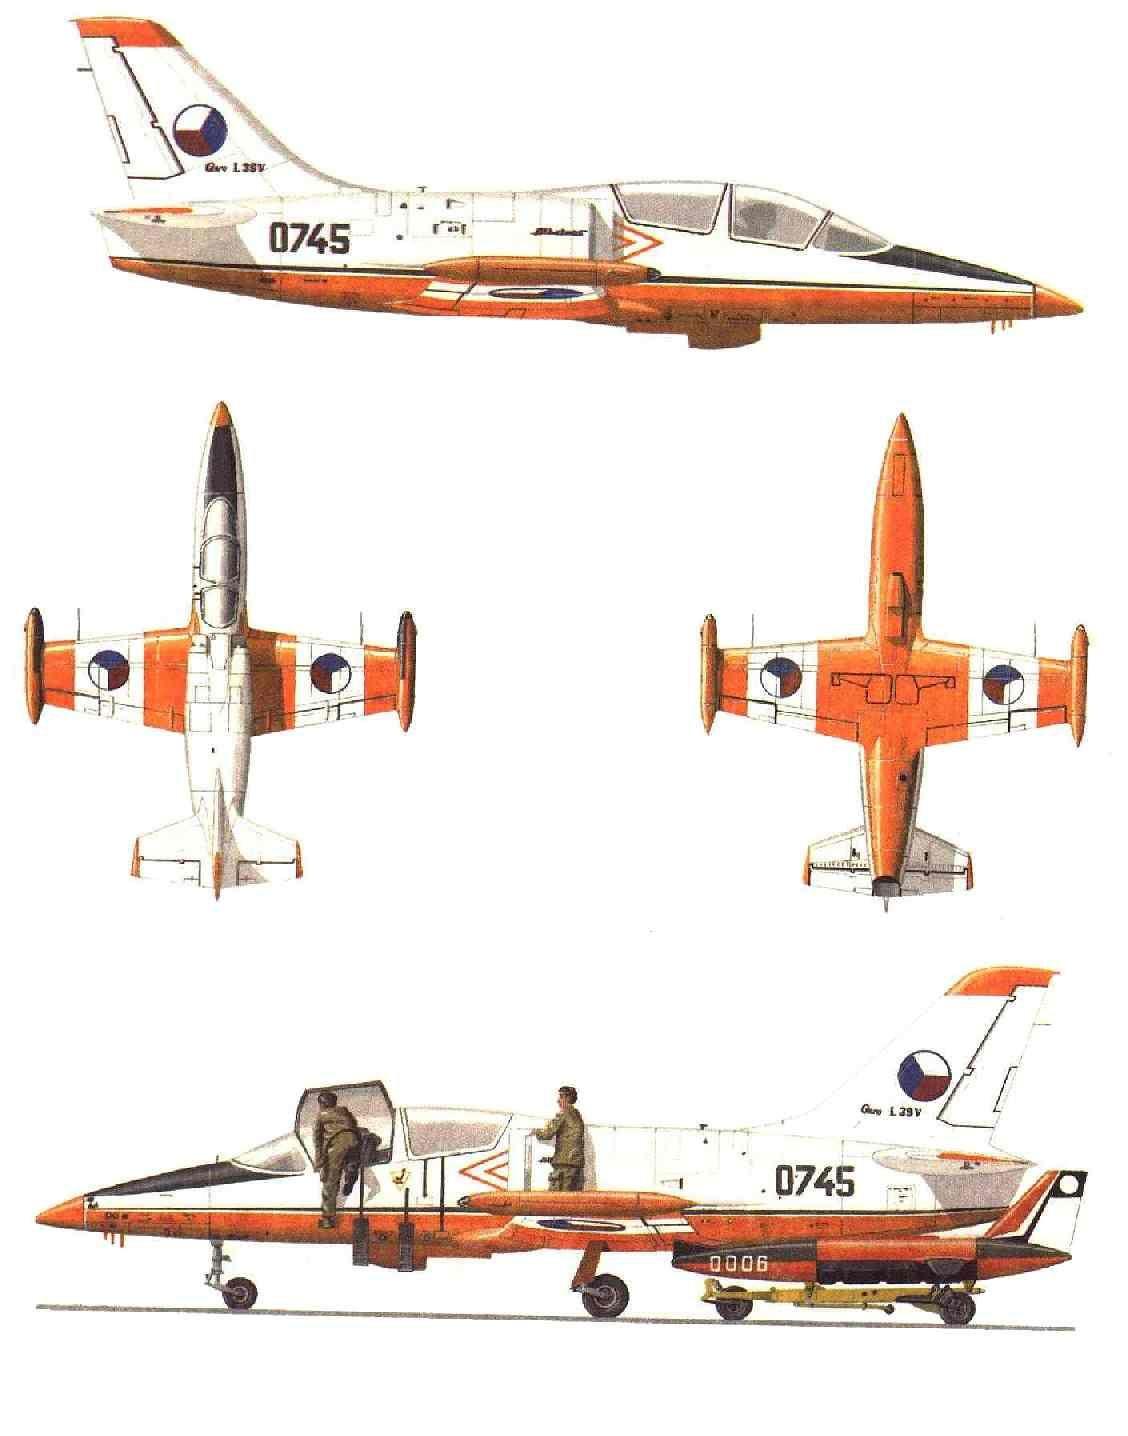 L-39V Albatros No. 0745 CzAF